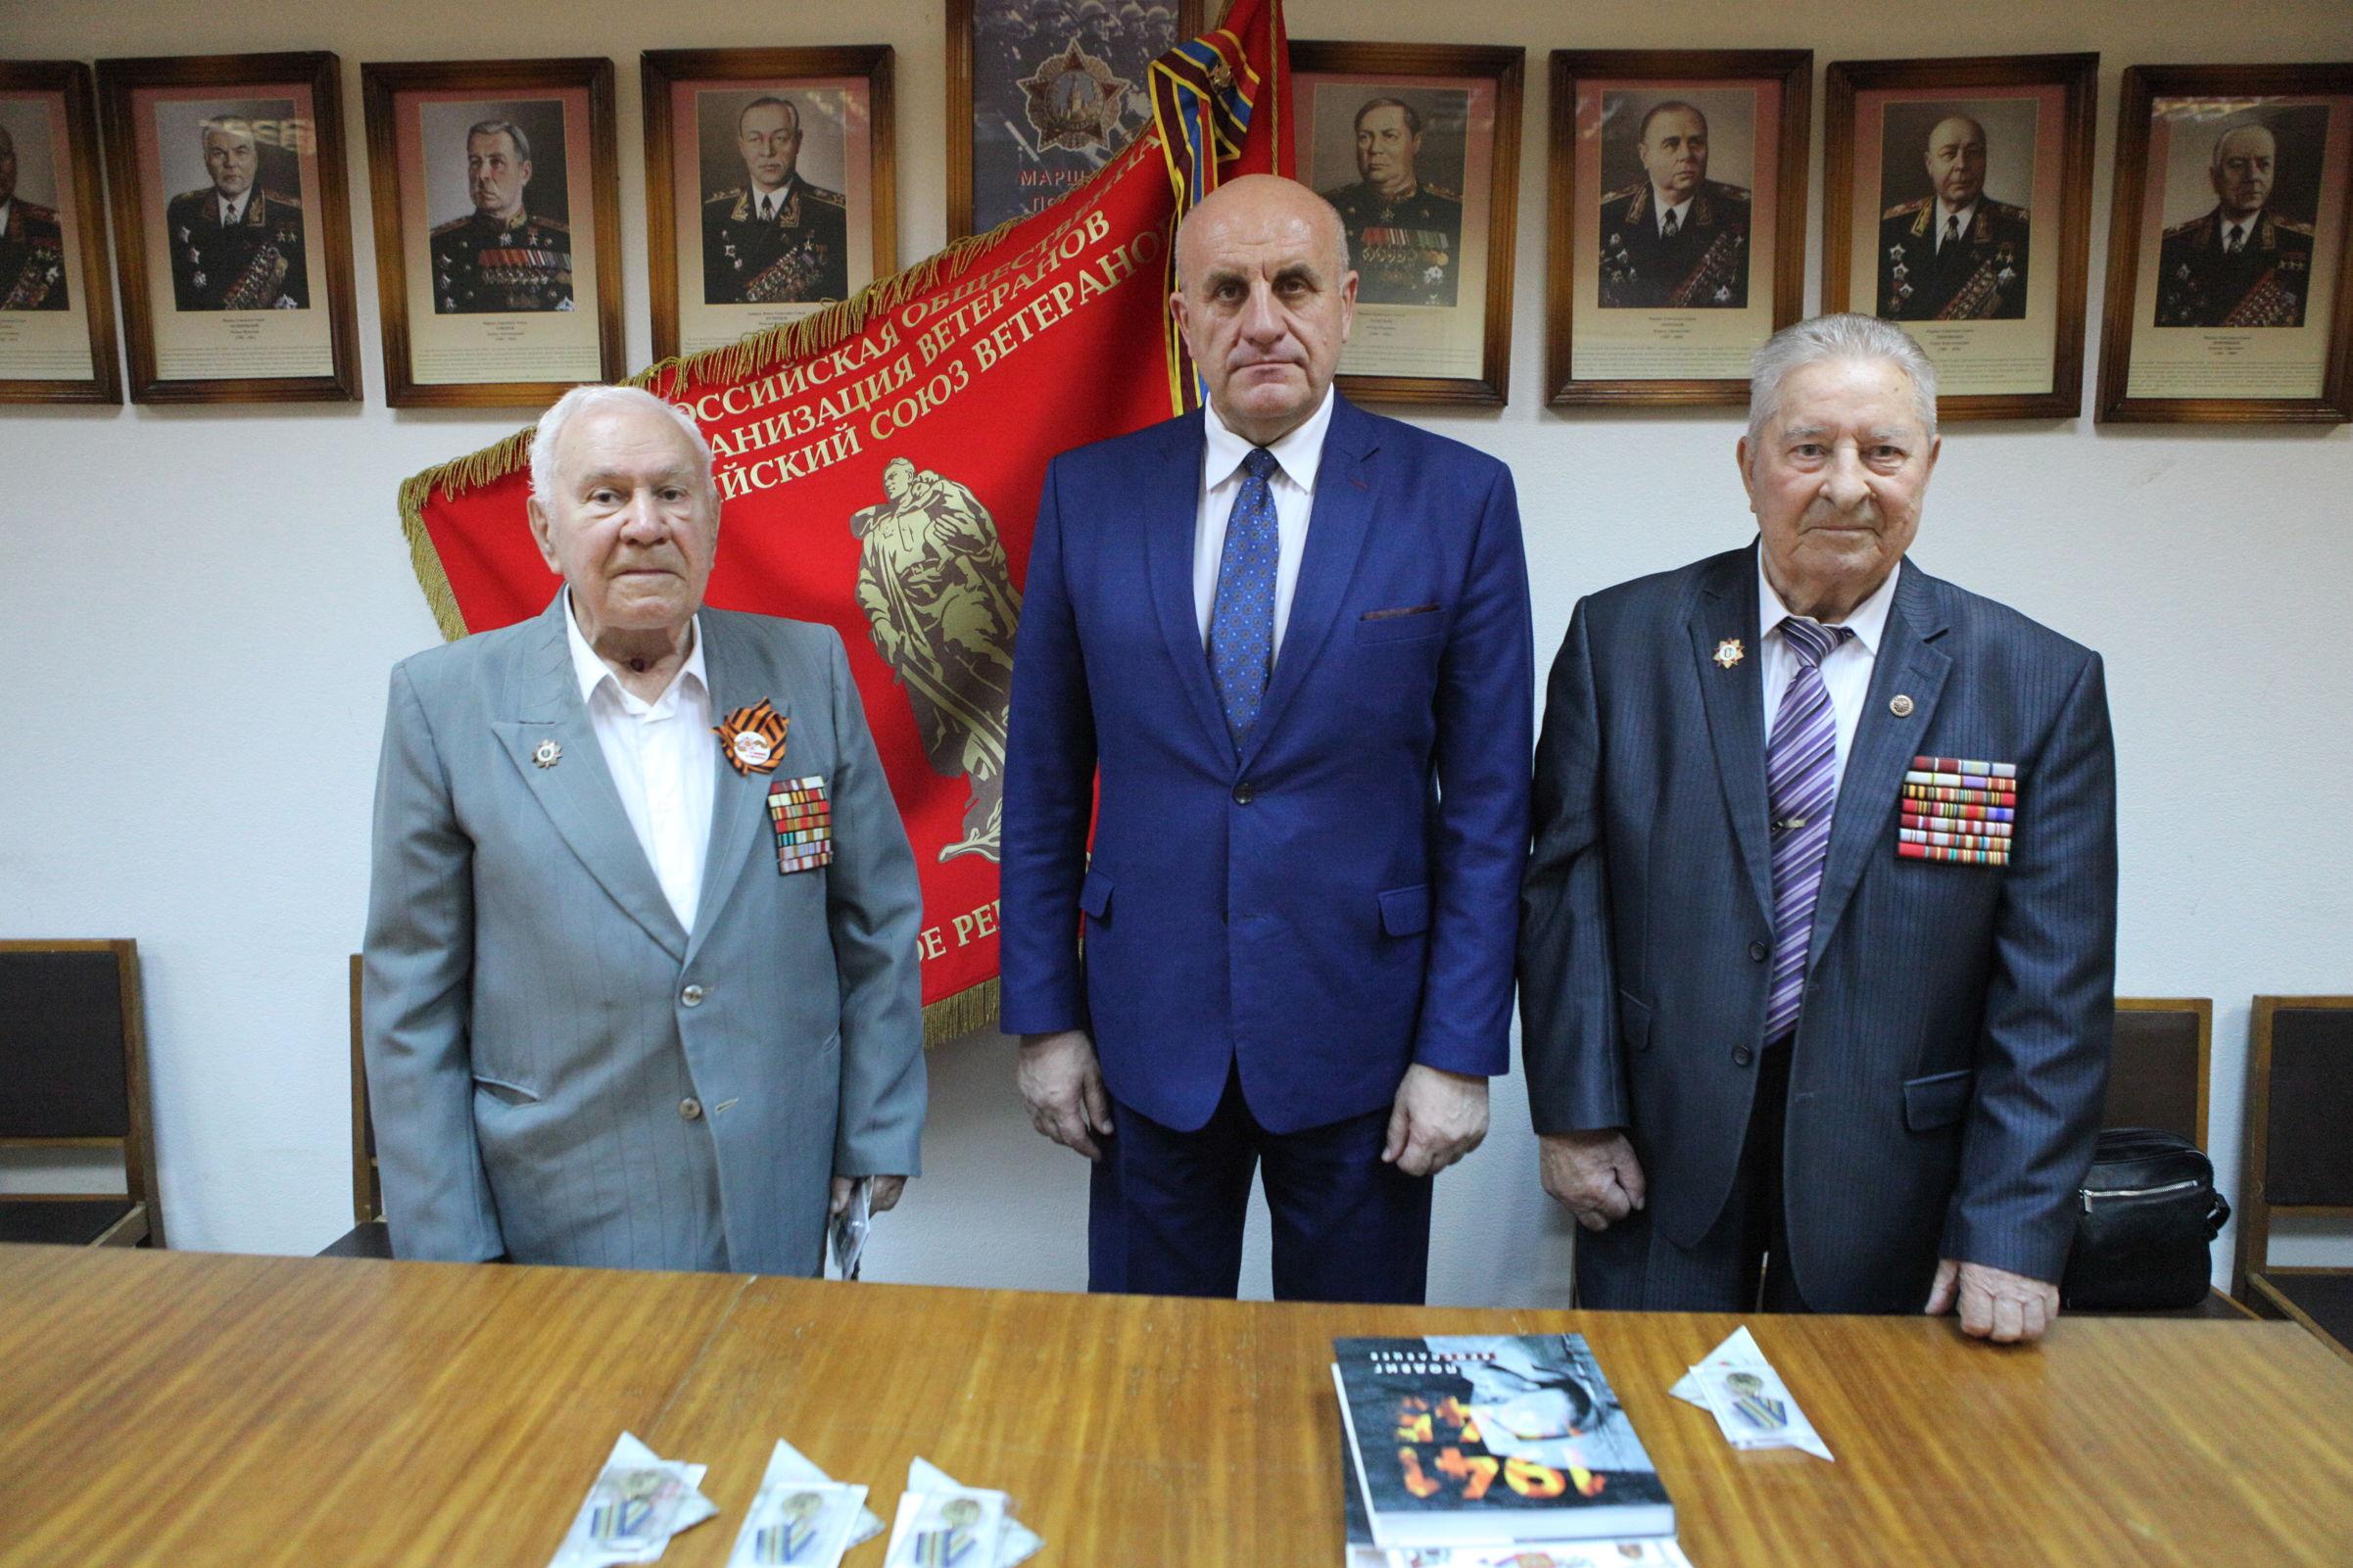 Ярославским ветеранам, принимавшим участие в освобождении Белоруссии, вручили медали